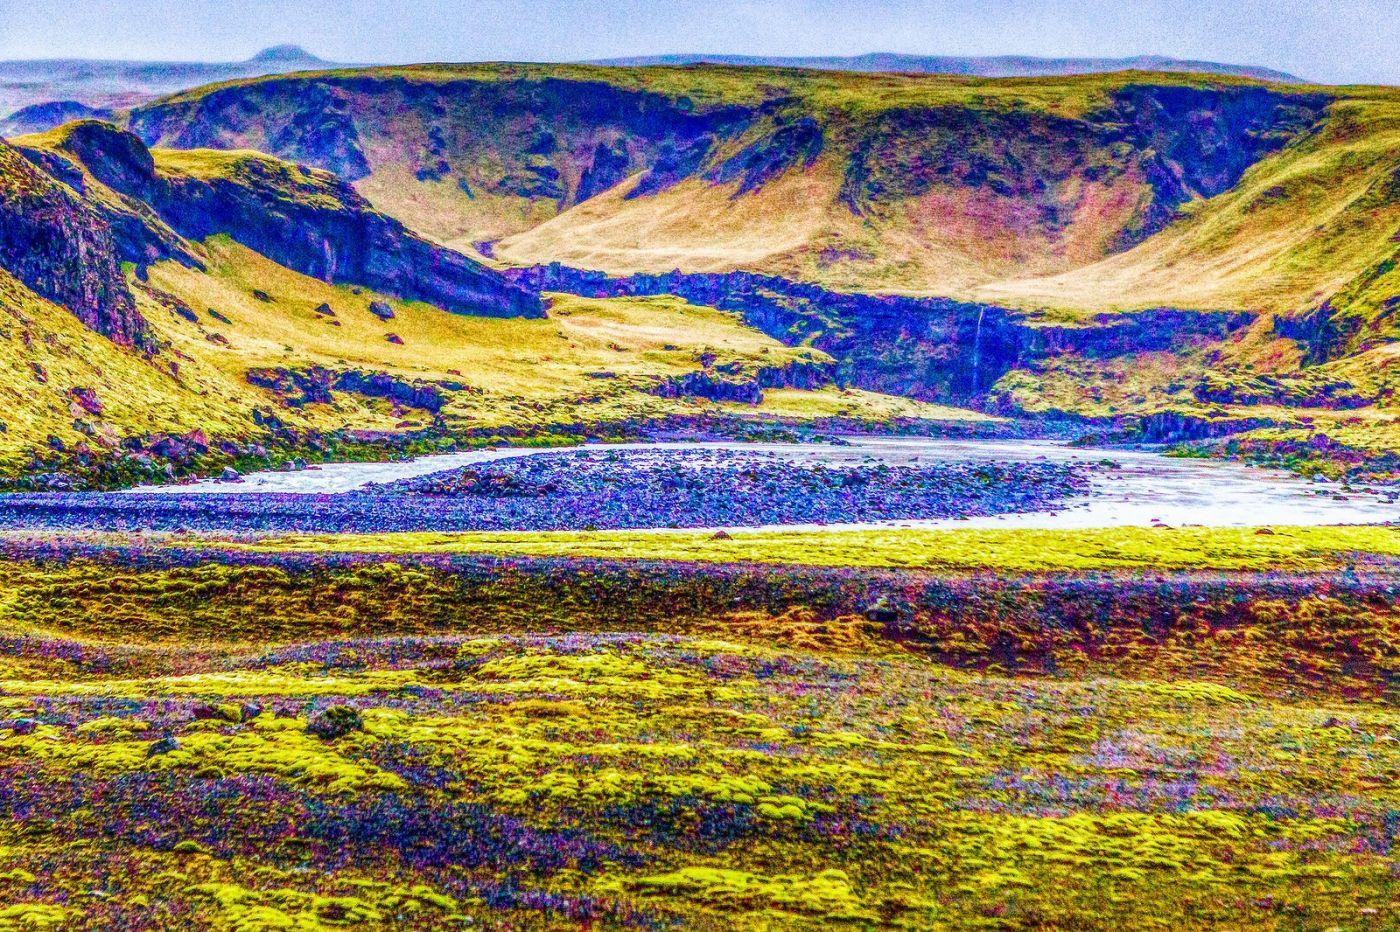 冰岛风采,延伸视野_图1-3